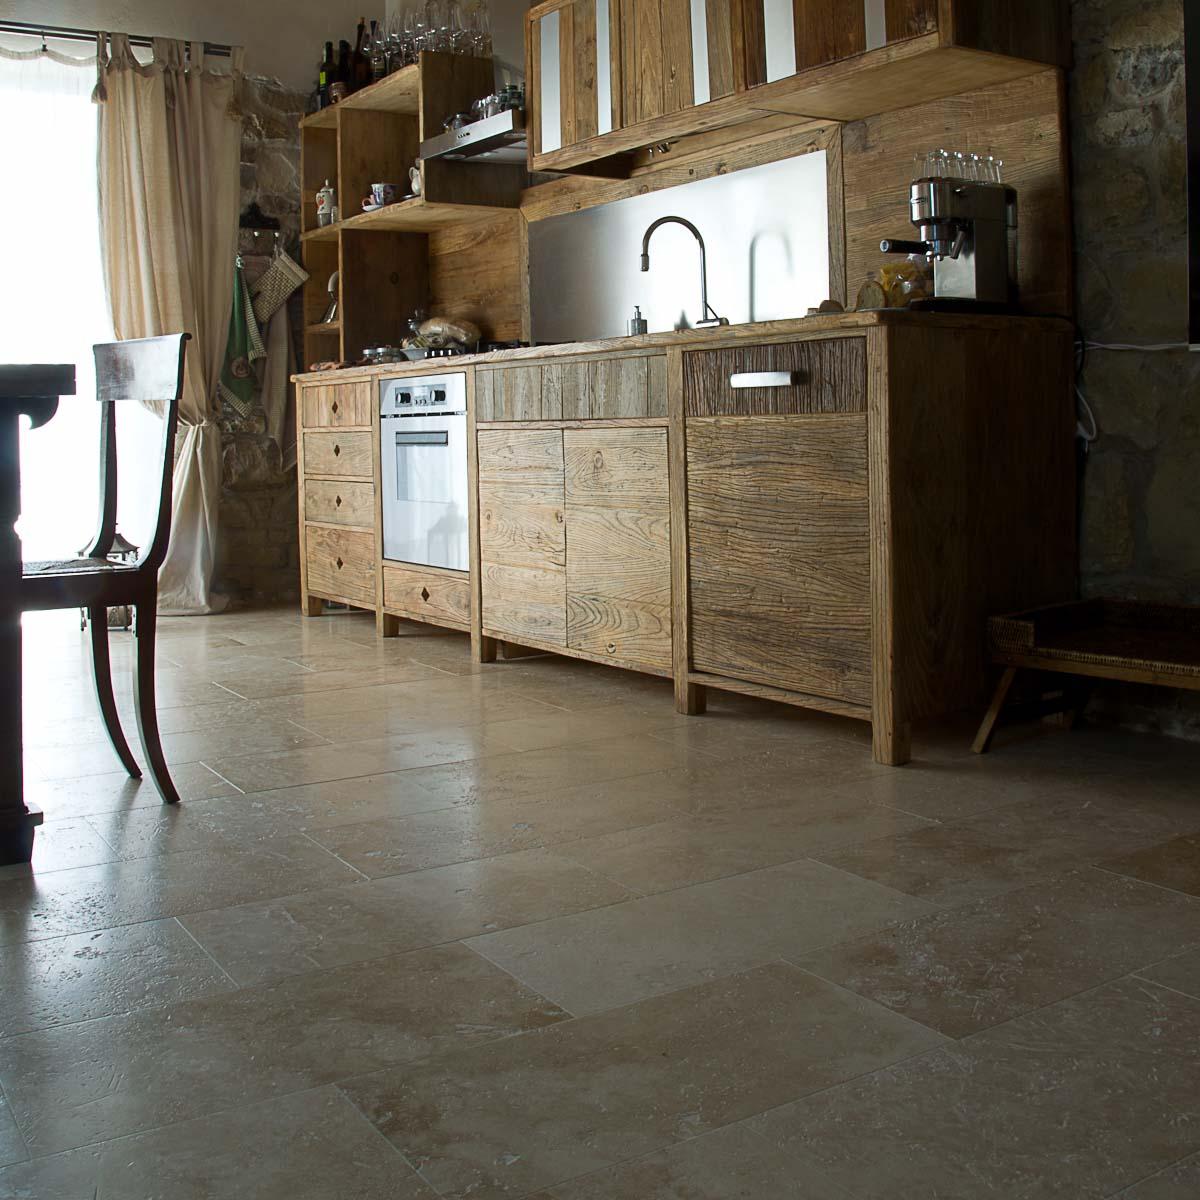 ausgezeichnet b den f r k che ideen die besten wohnideen. Black Bedroom Furniture Sets. Home Design Ideas